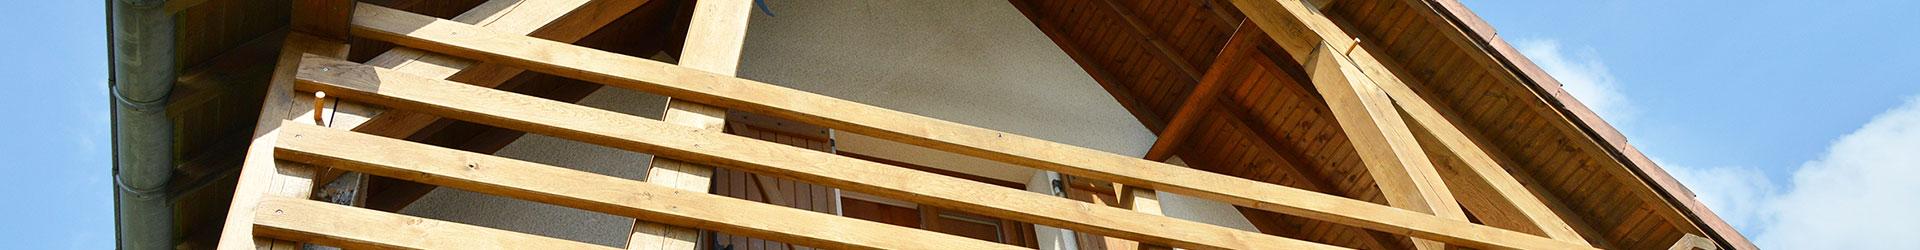 bandeau construction bois des charpentiers montbardois